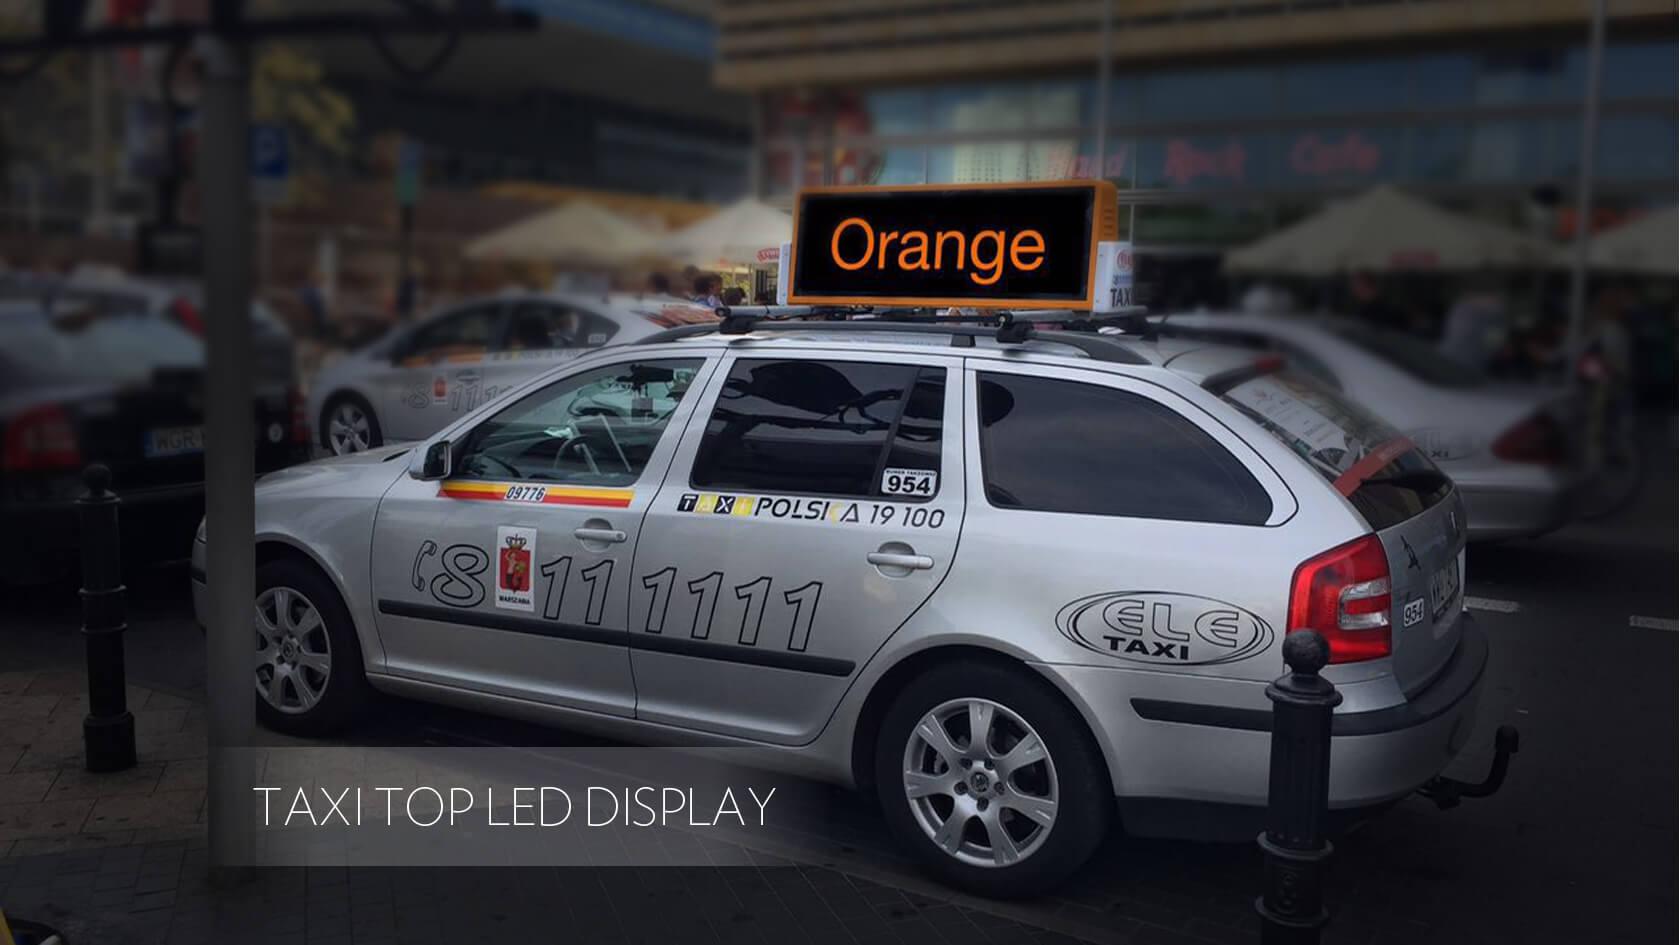 Portable LED Display